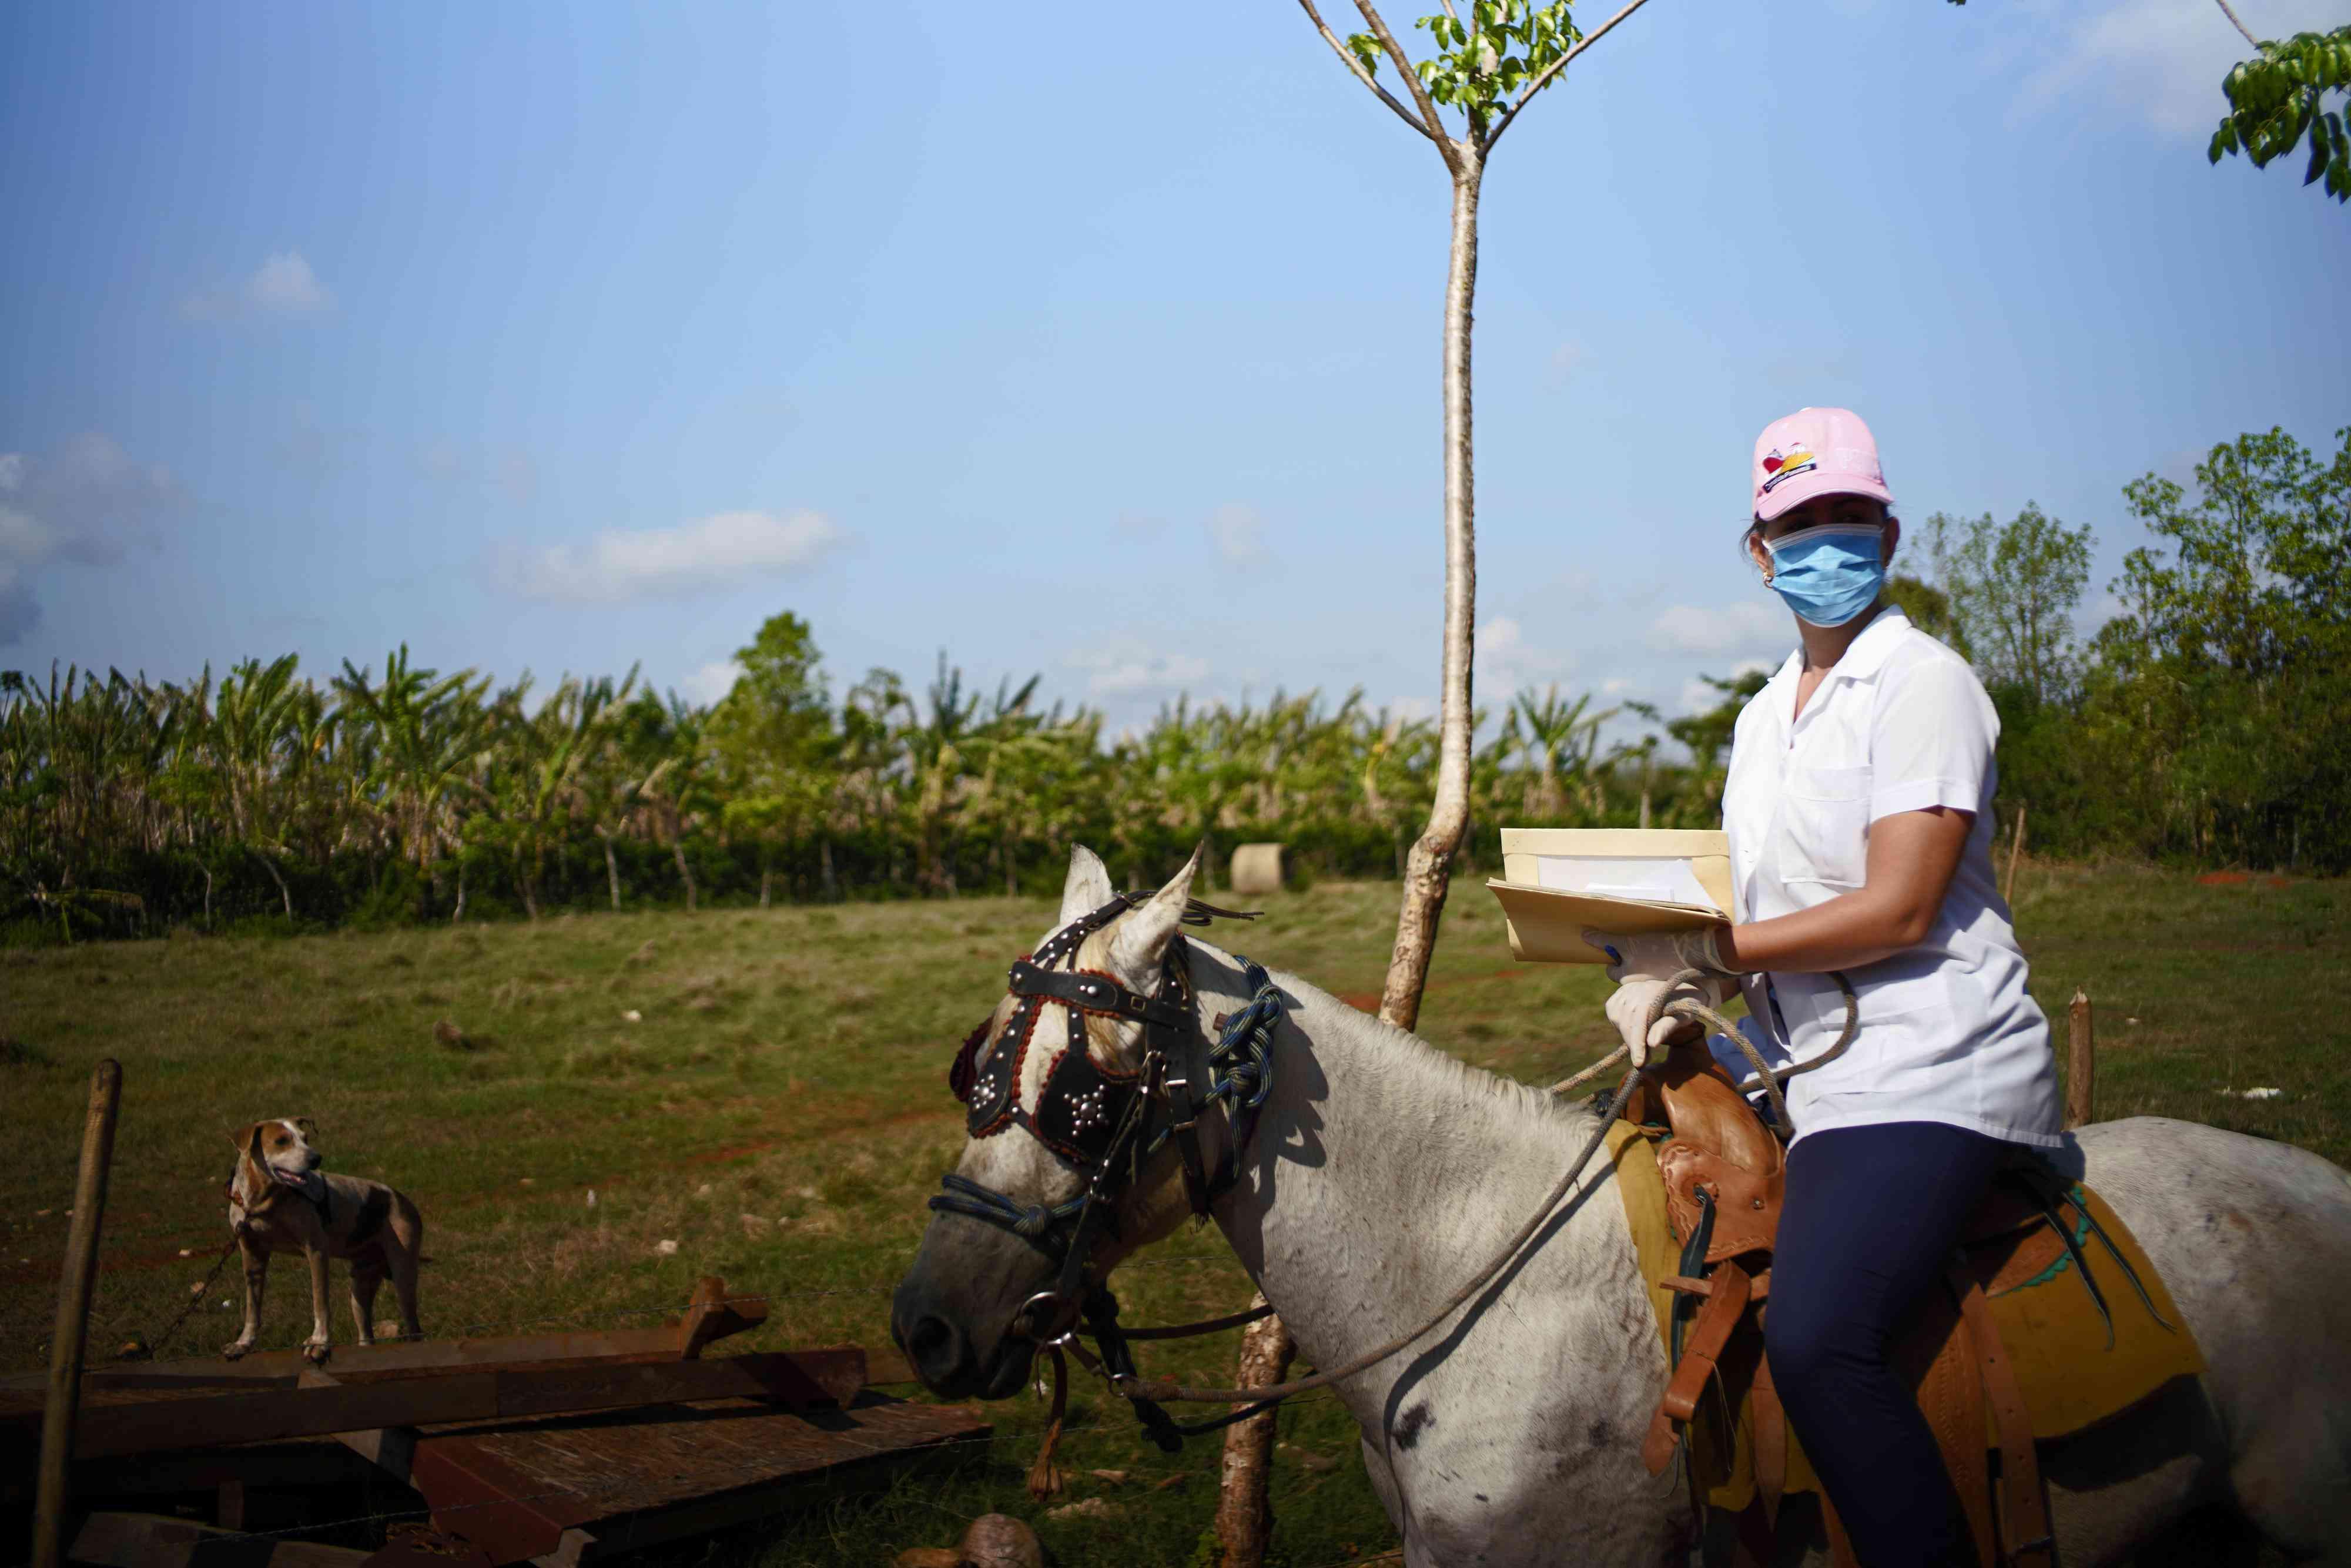 La vida cotidiana en Cuba durante la pandemia de coronavirus